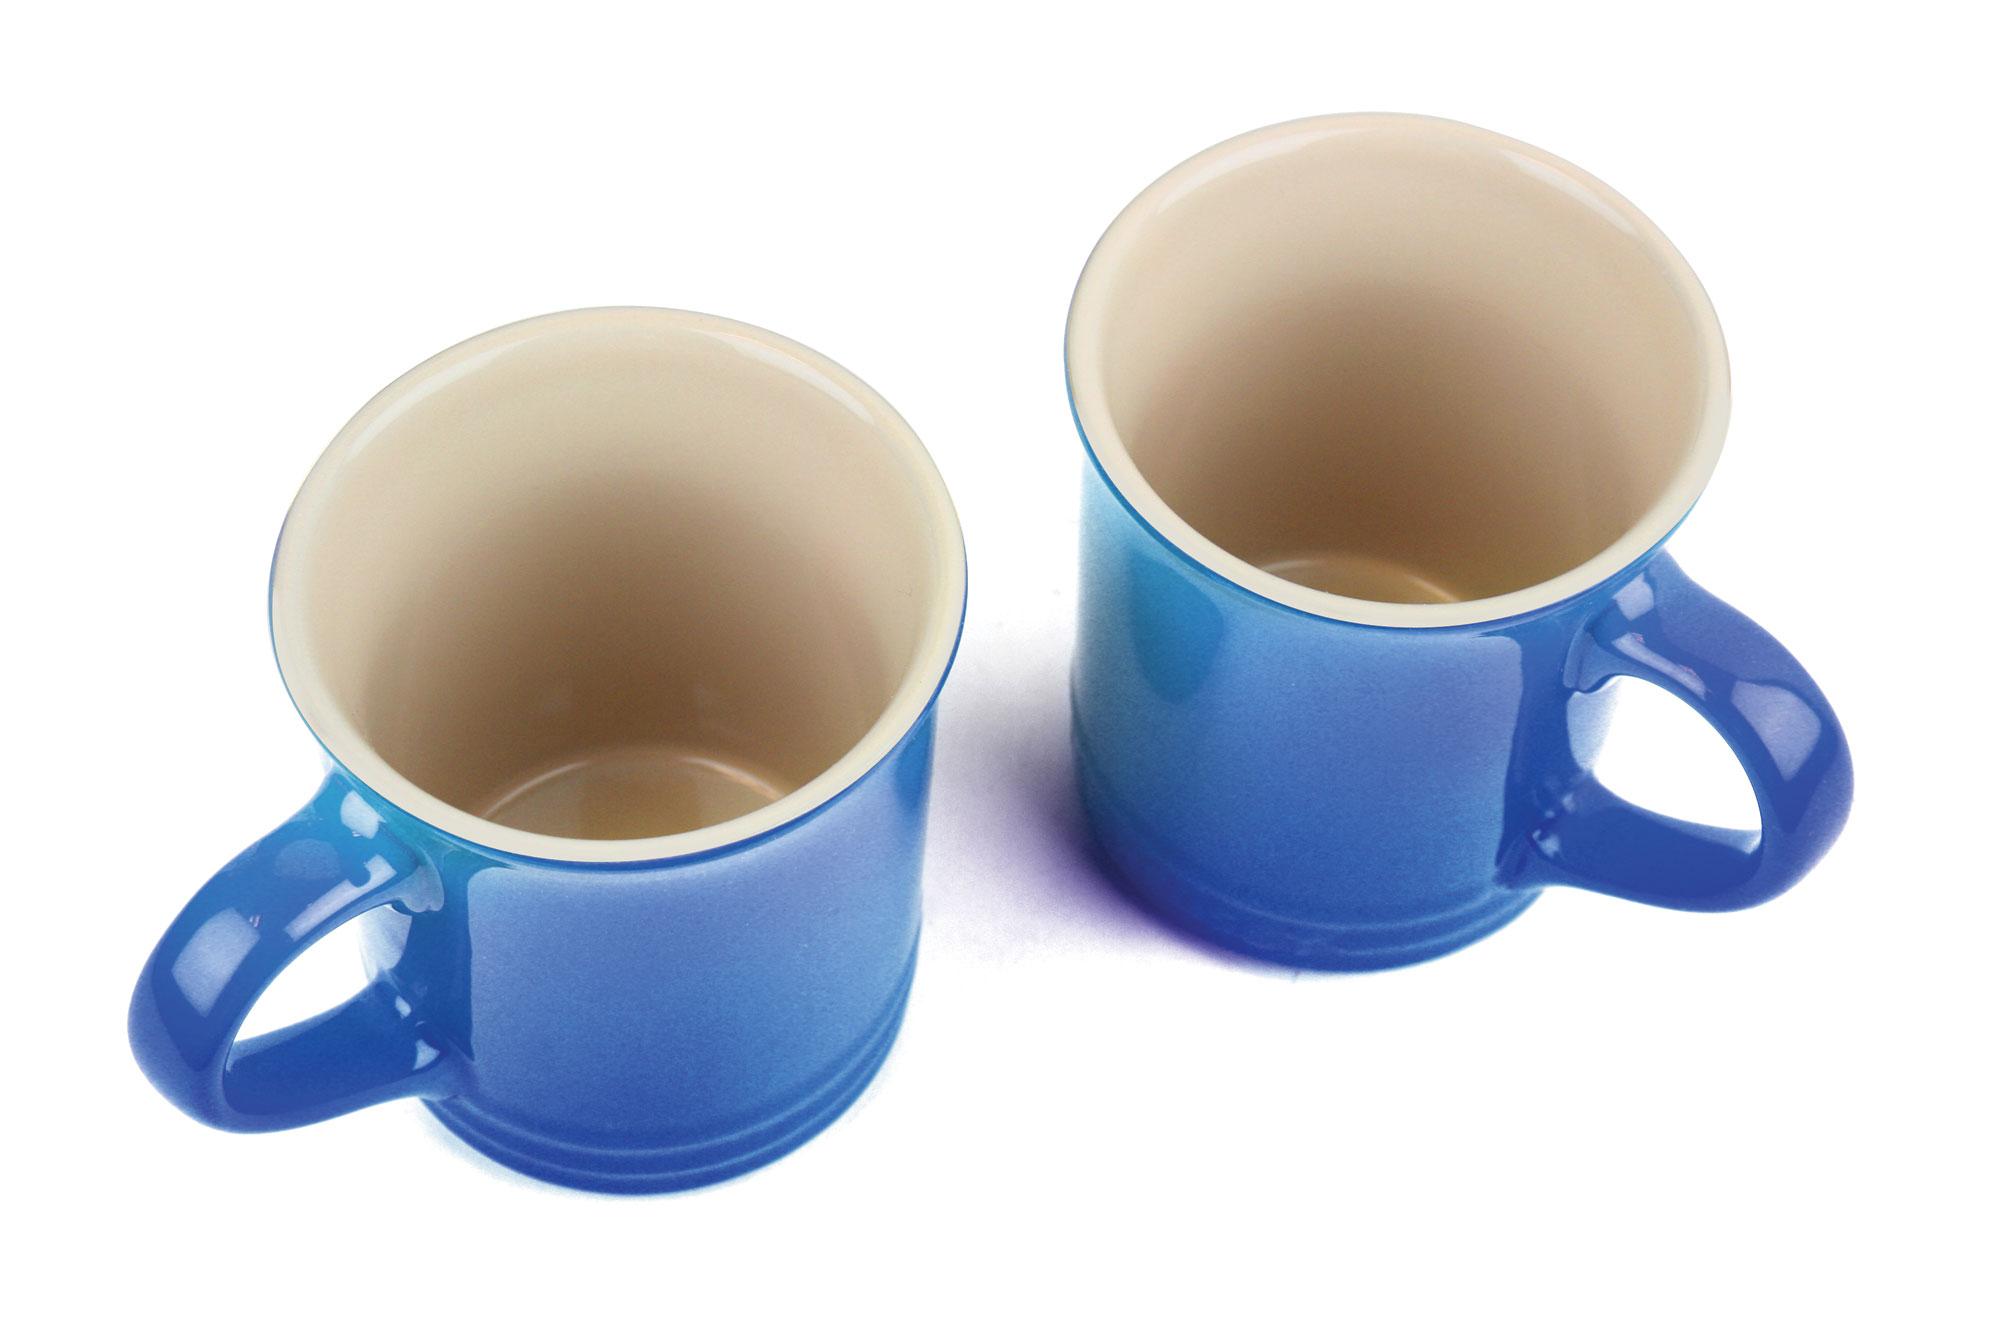 Le Creuset Enameled Steel Peruh Tea Kettle And Mug Set 1